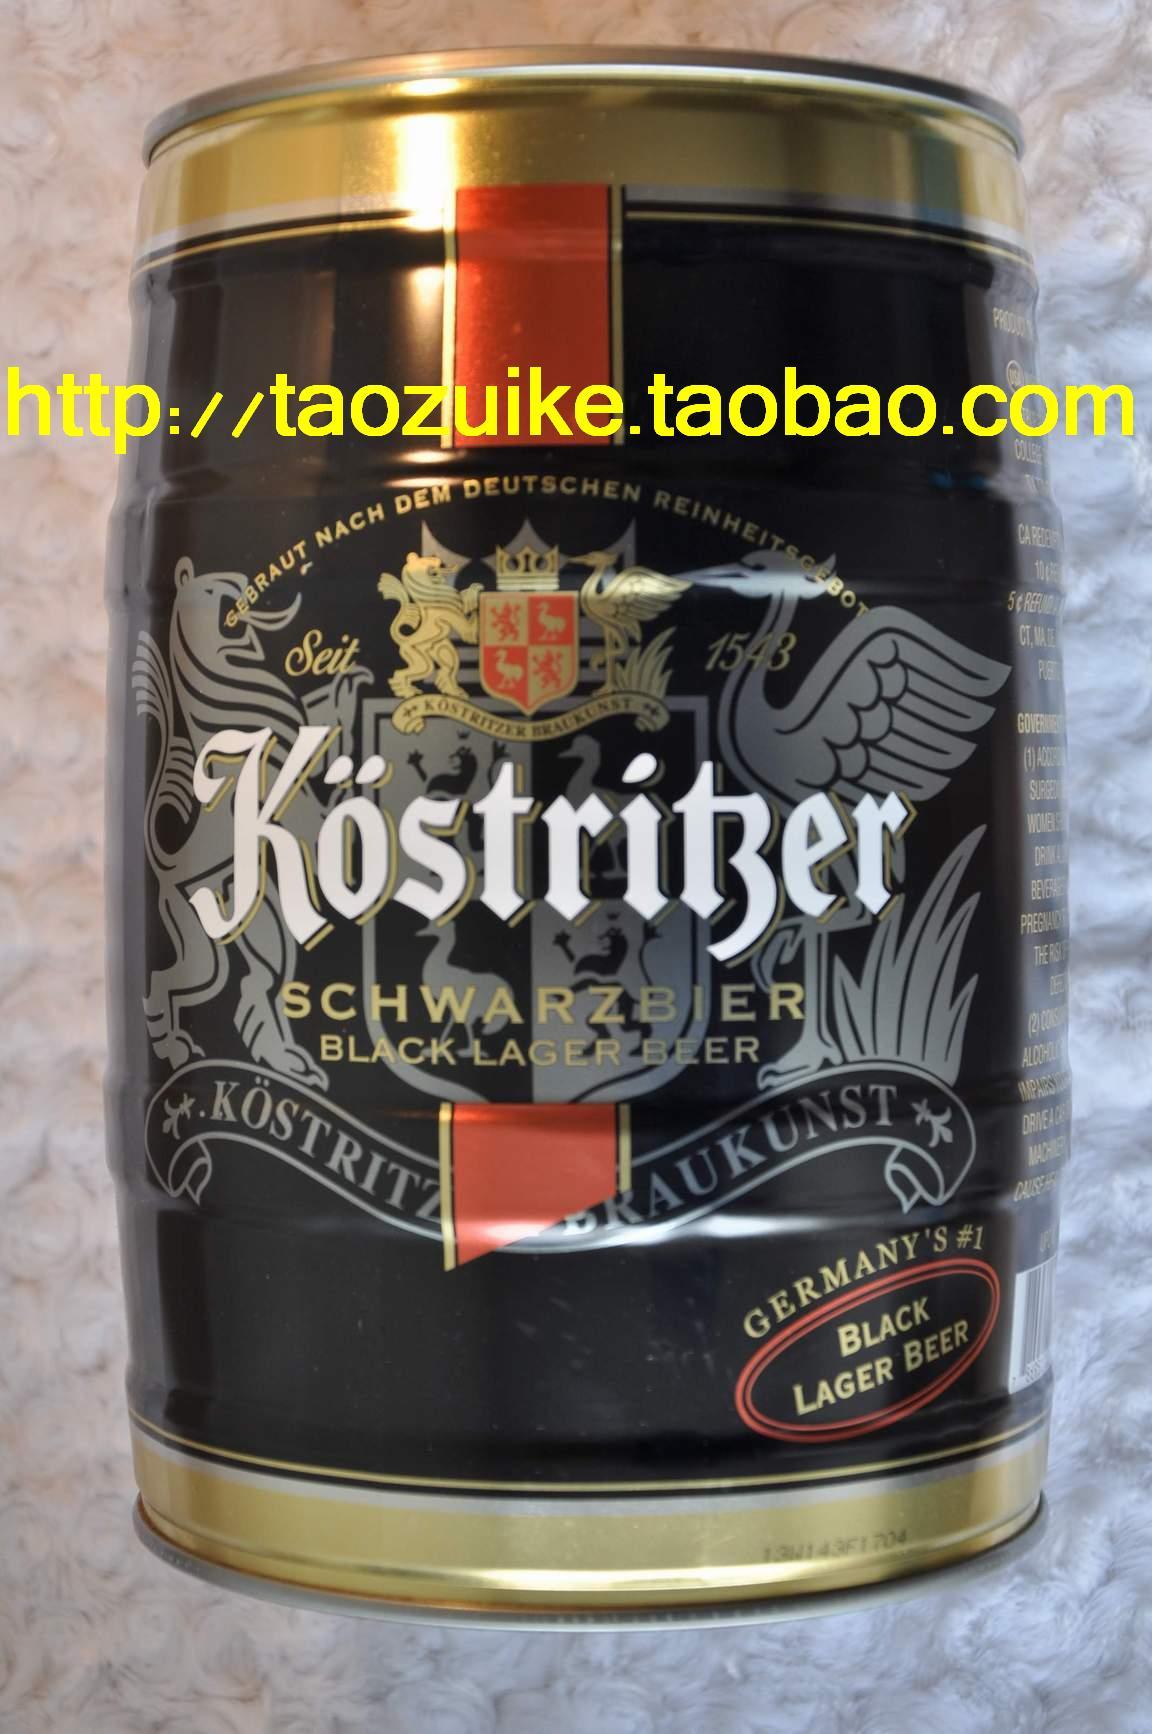 http://img02.taobaocdn.com/imgextra/i2/15907111/T2eoORXx4XXXXXXXXX_!!15907111.jpg